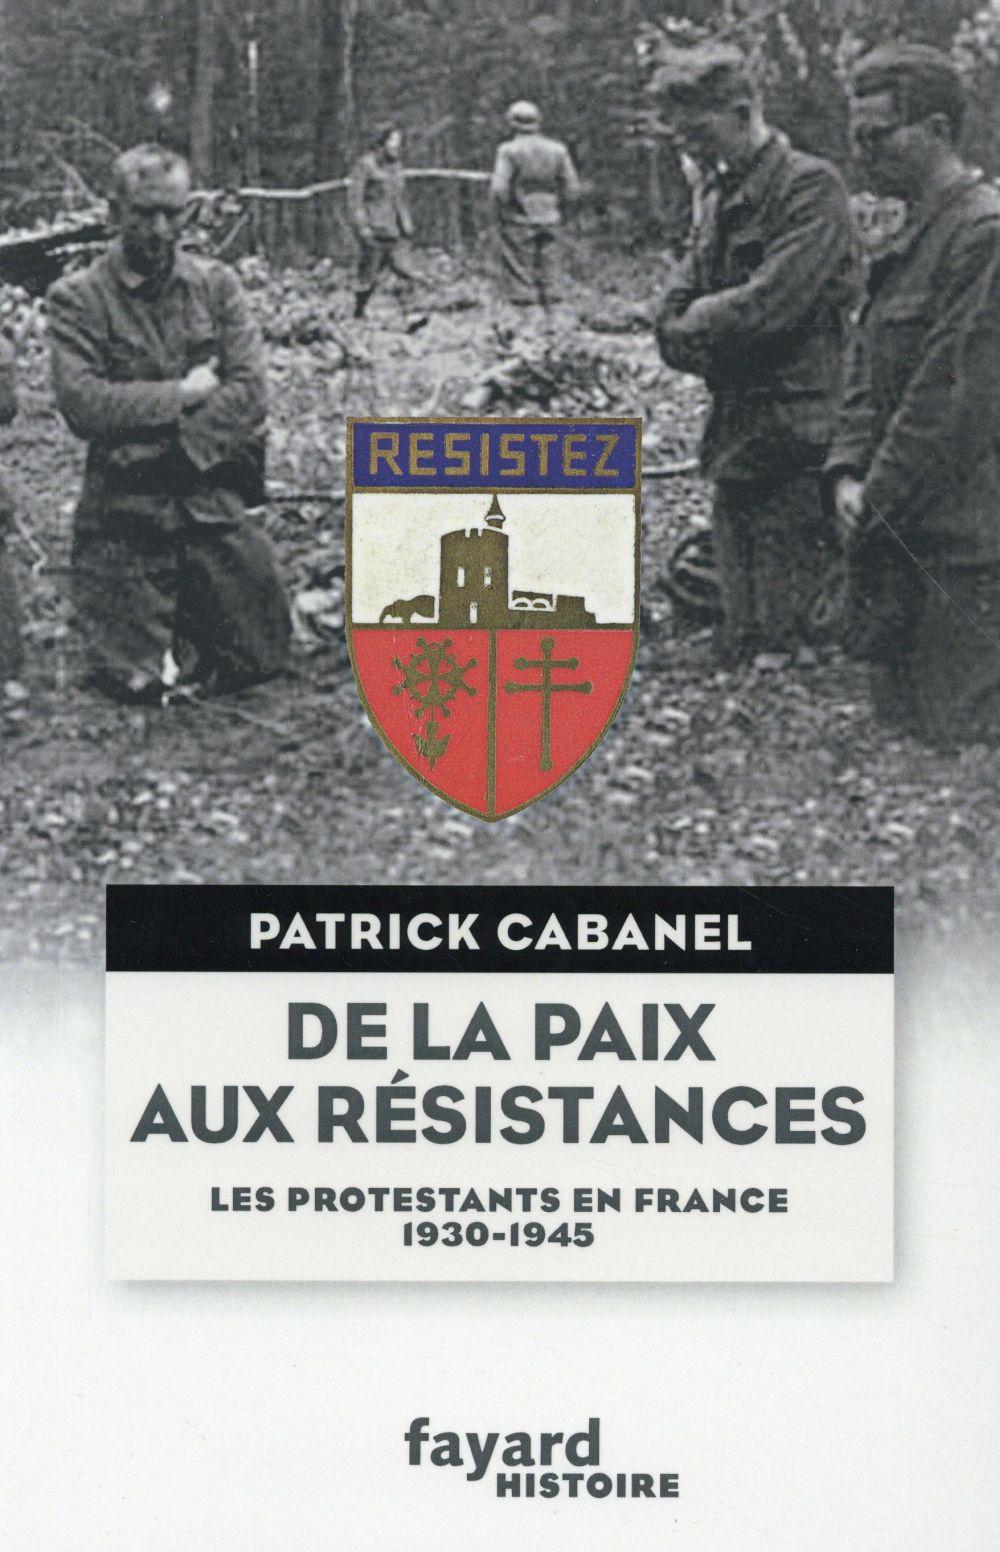 De la paix aux résistances ; les protestants en France 1930-1945